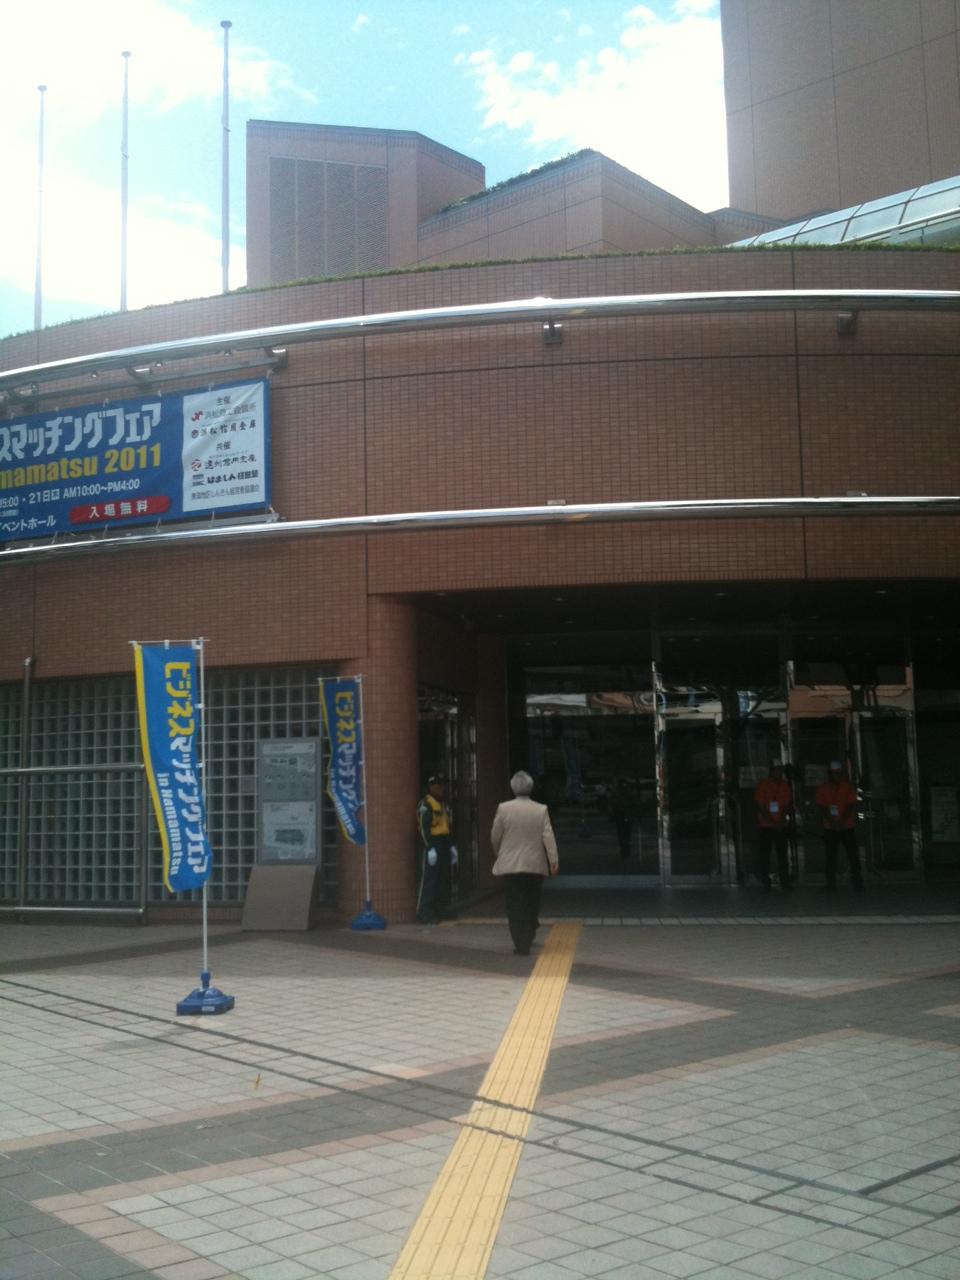 bm20110721-1.jpg